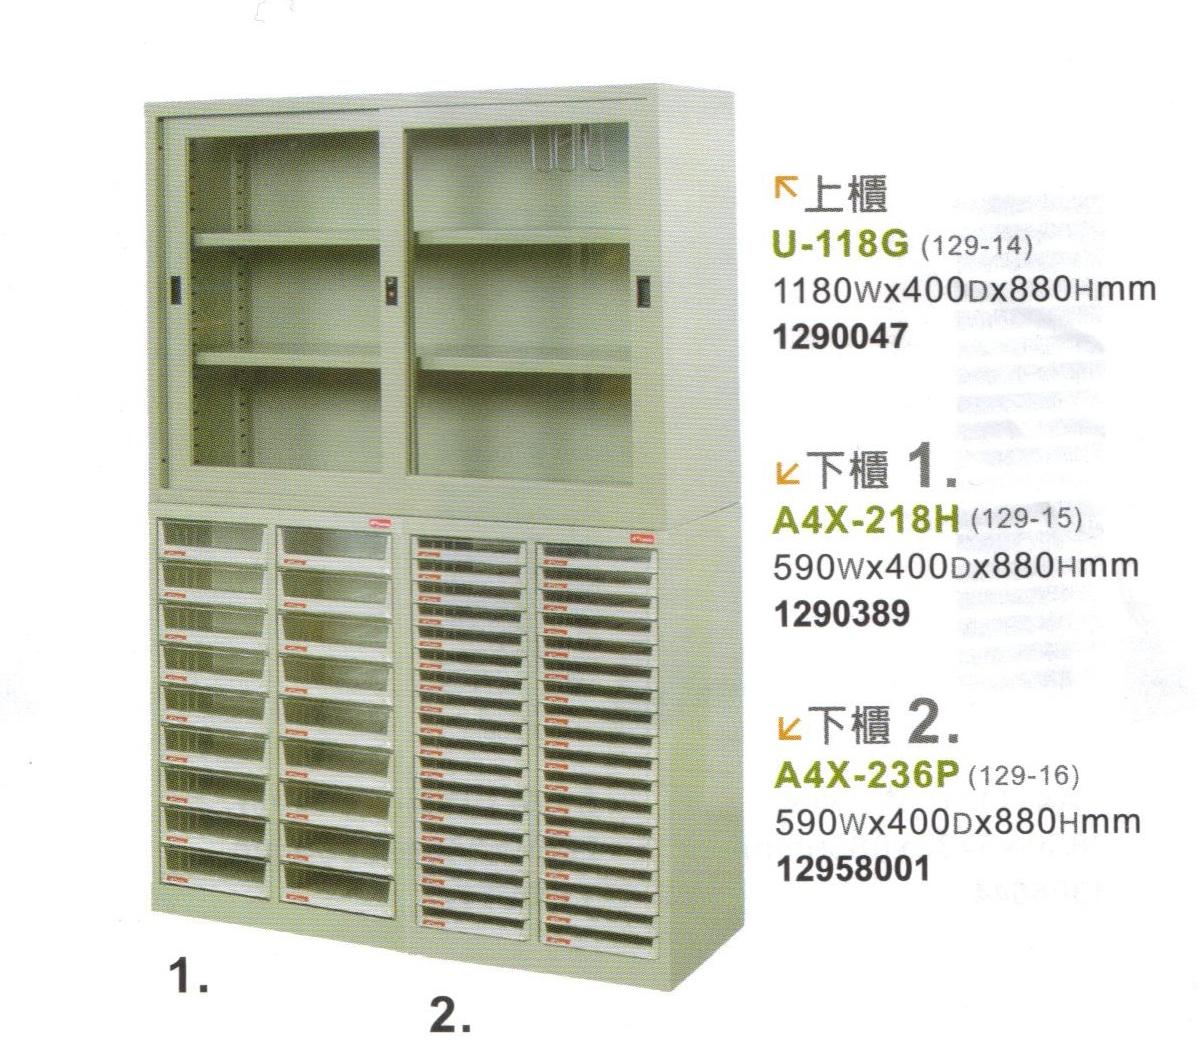 【樹德收納系列】 檔案櫃 資料櫃 公文櫃 收納櫃 效率櫃 落地型文件櫃 U-118G+A4X-218H+A4X-236P